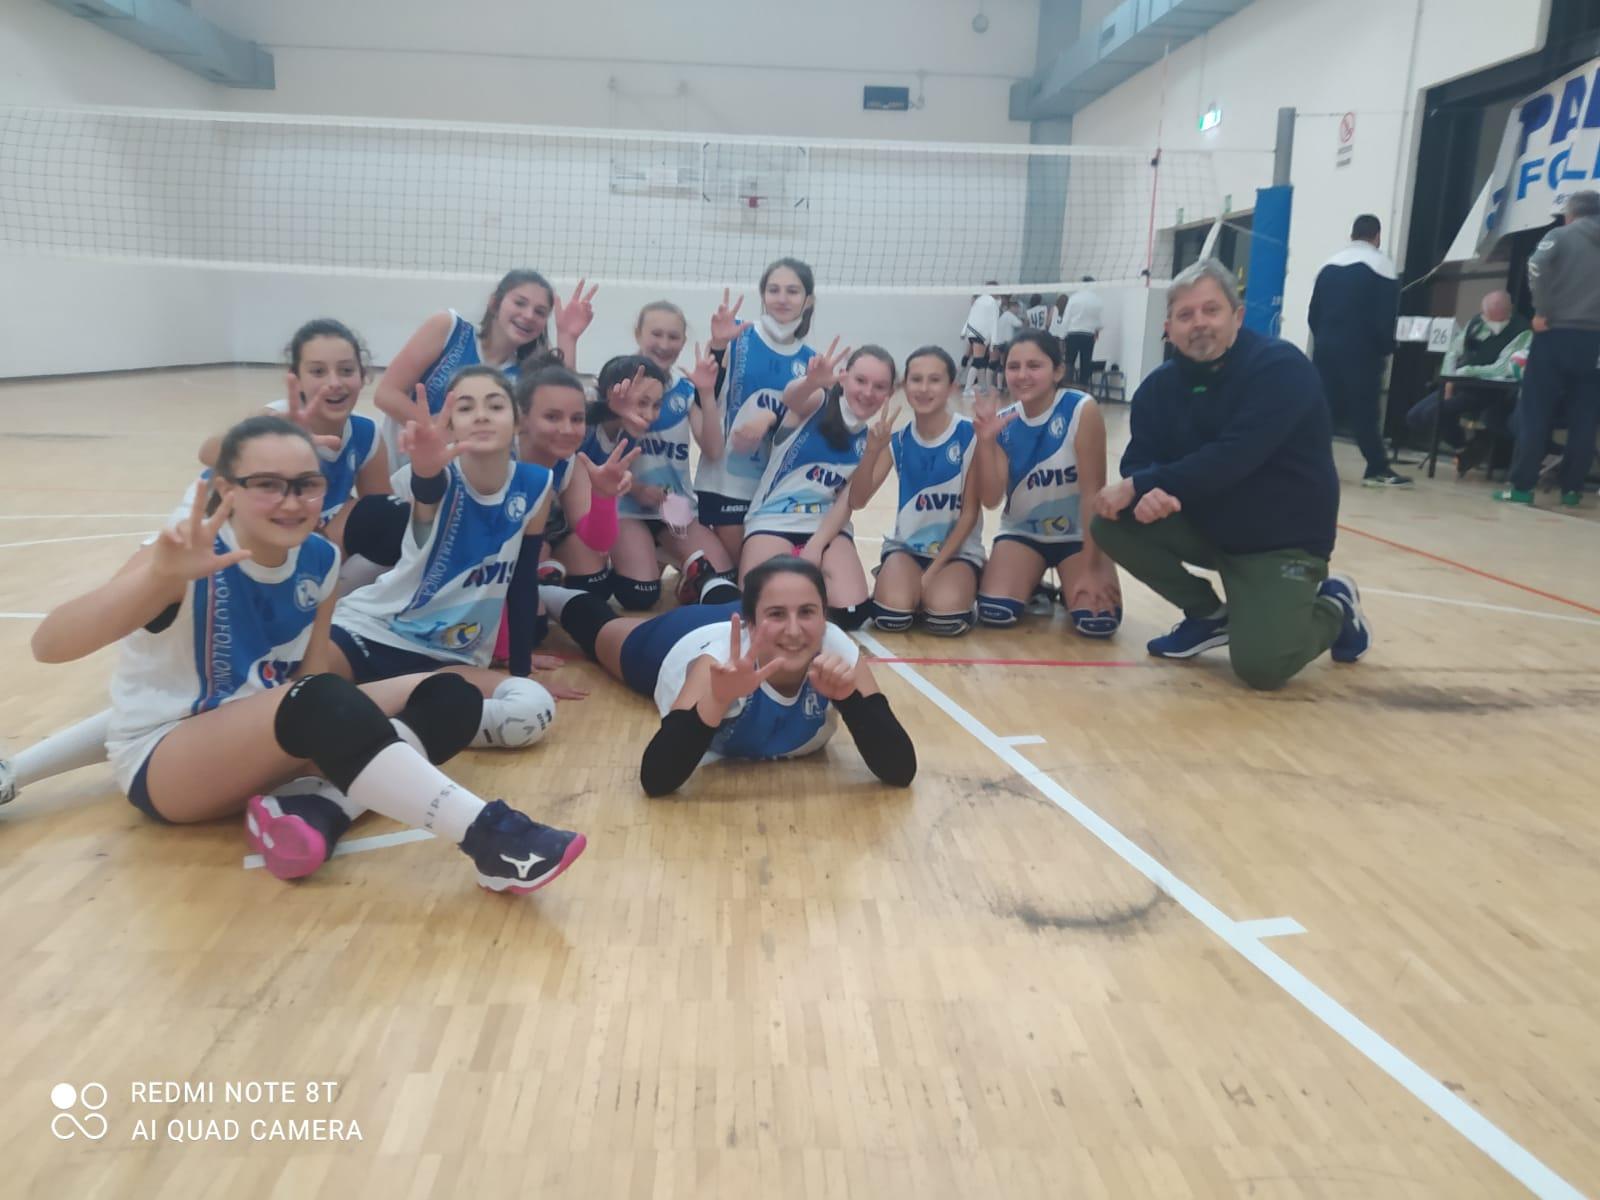 pallavolo-follonica-squadra-under-15-young-con-il-tecnico-carlo-alberizzi